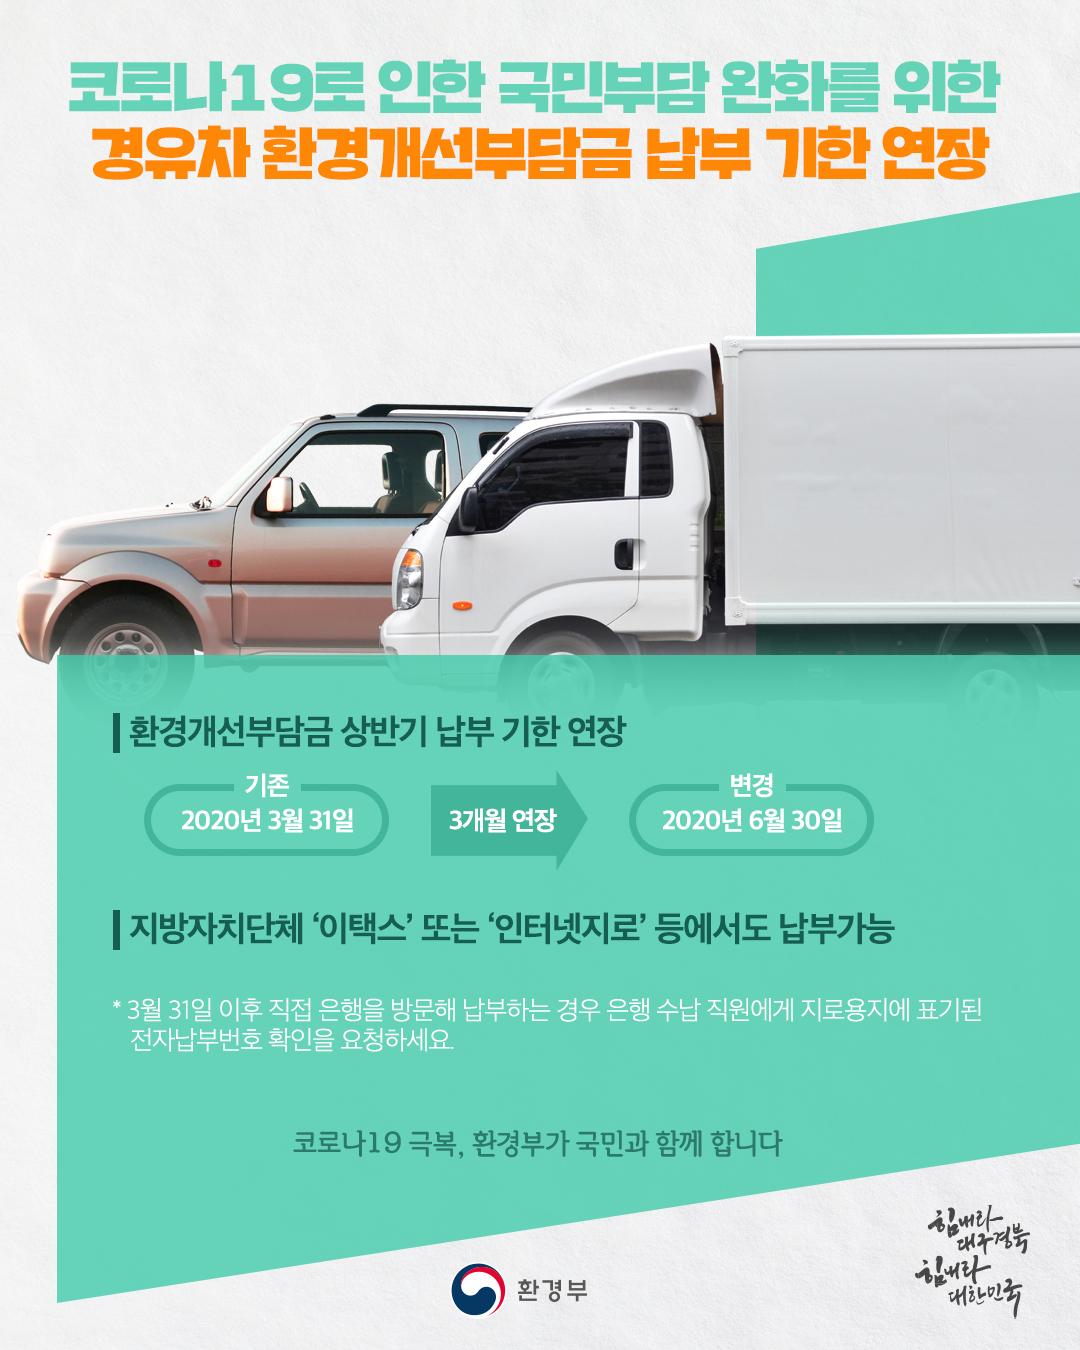 코로나19로 인한 국민부담 완화를 위한 경유차 환경개선부담금 납부기한 연장